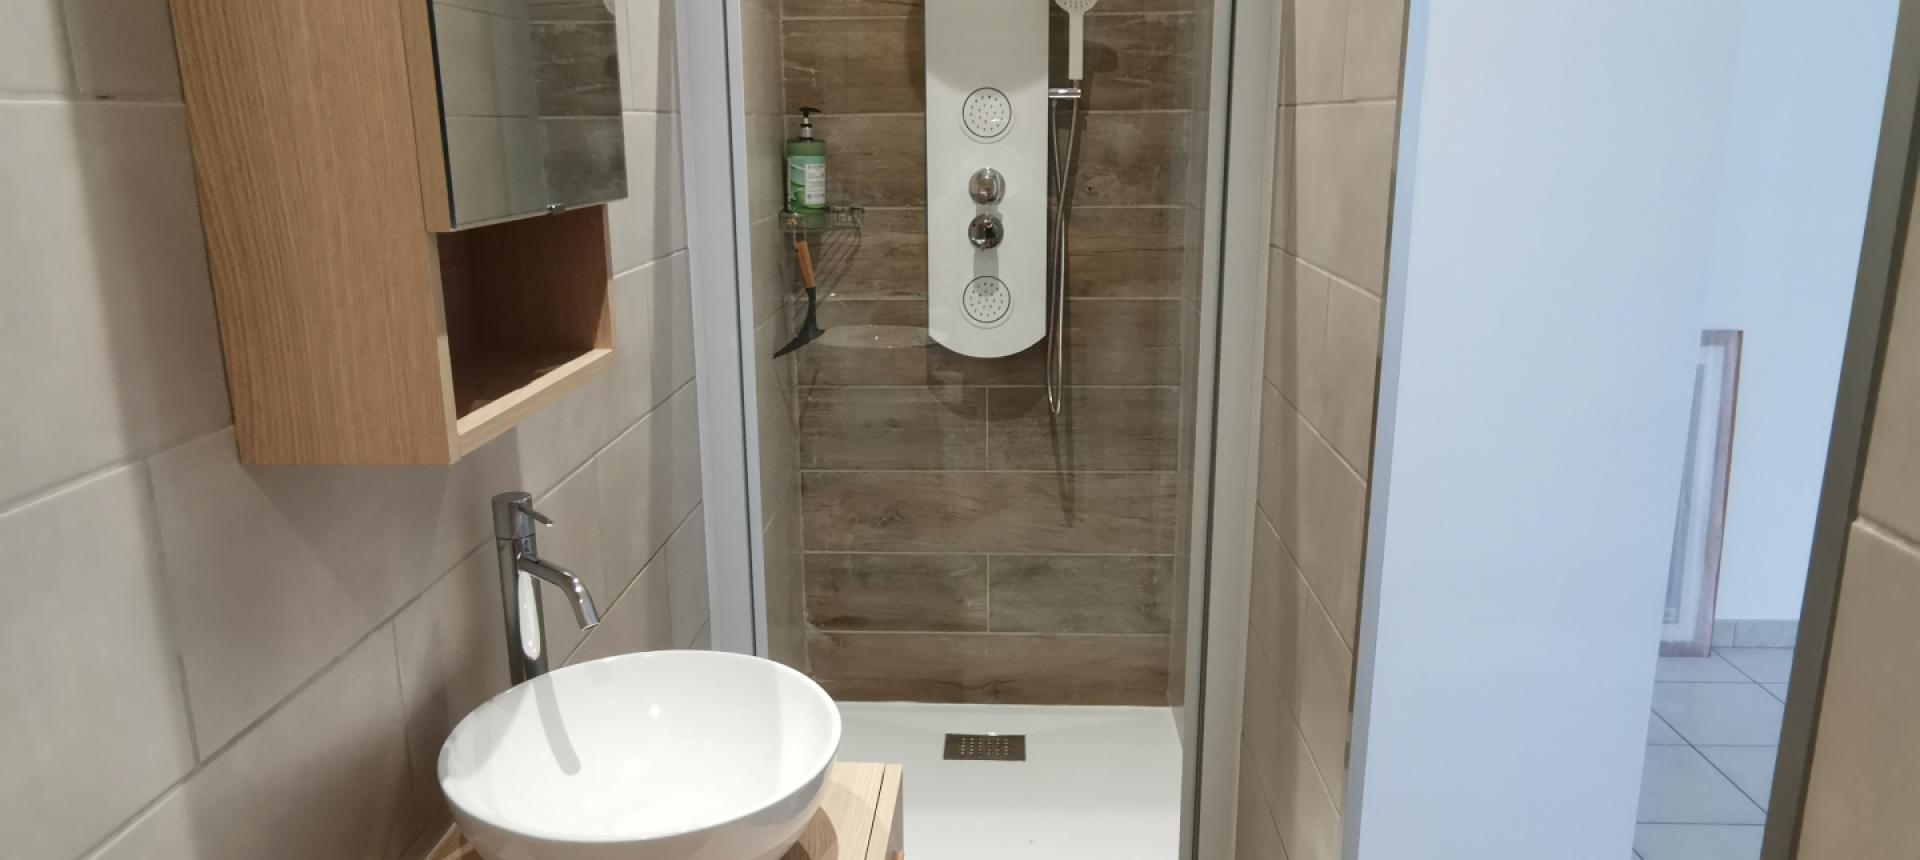 Villa à vendre proche Ajaccio - San Benedetto - Salle d'eau suite parentale